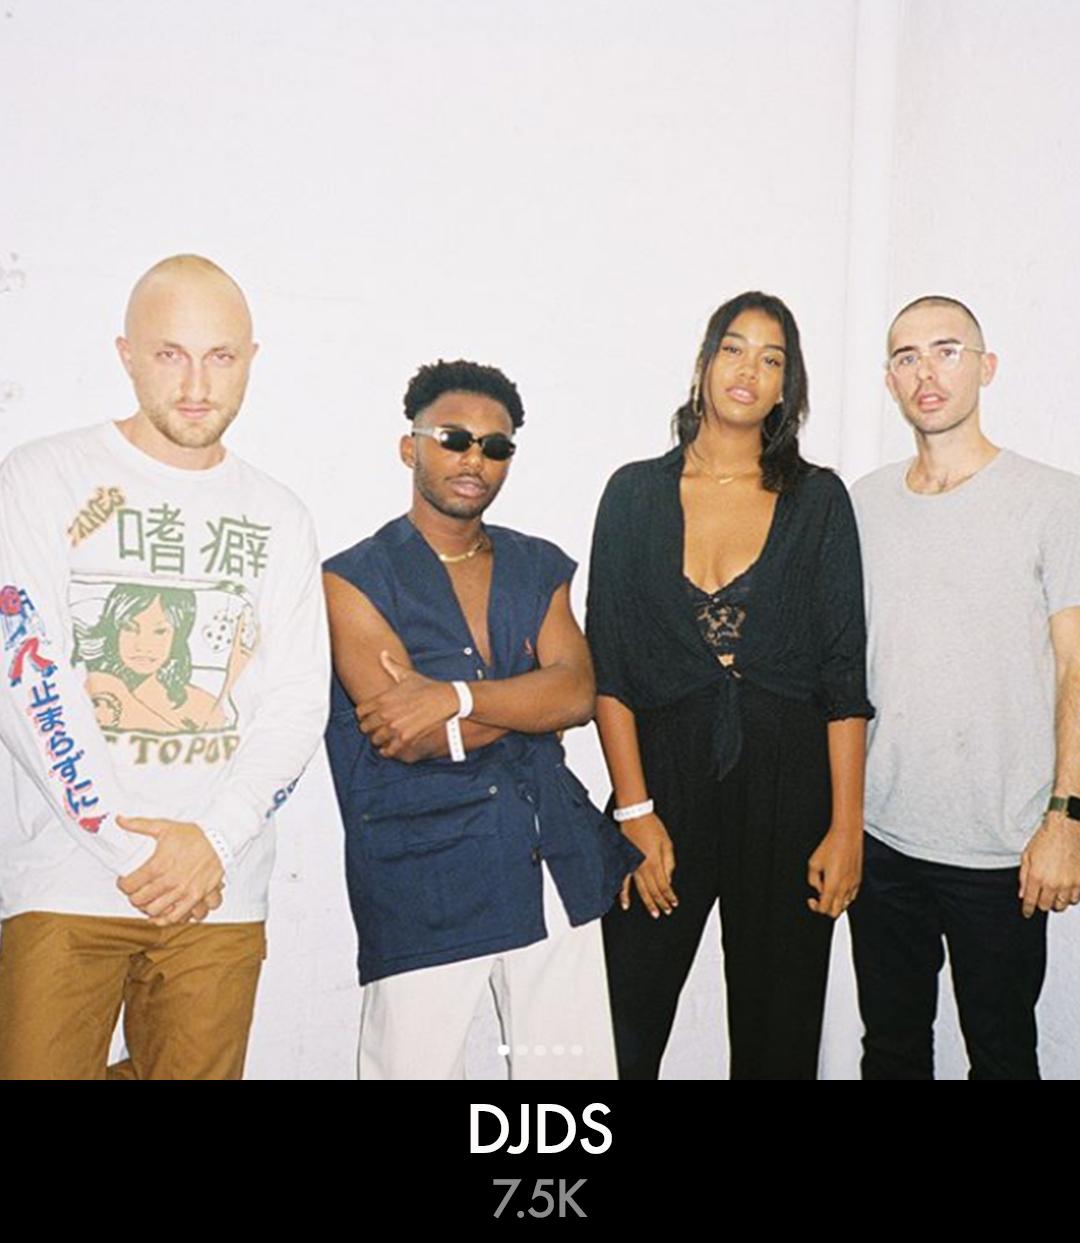 TT_W&B_Deck_Music_DJDS.png